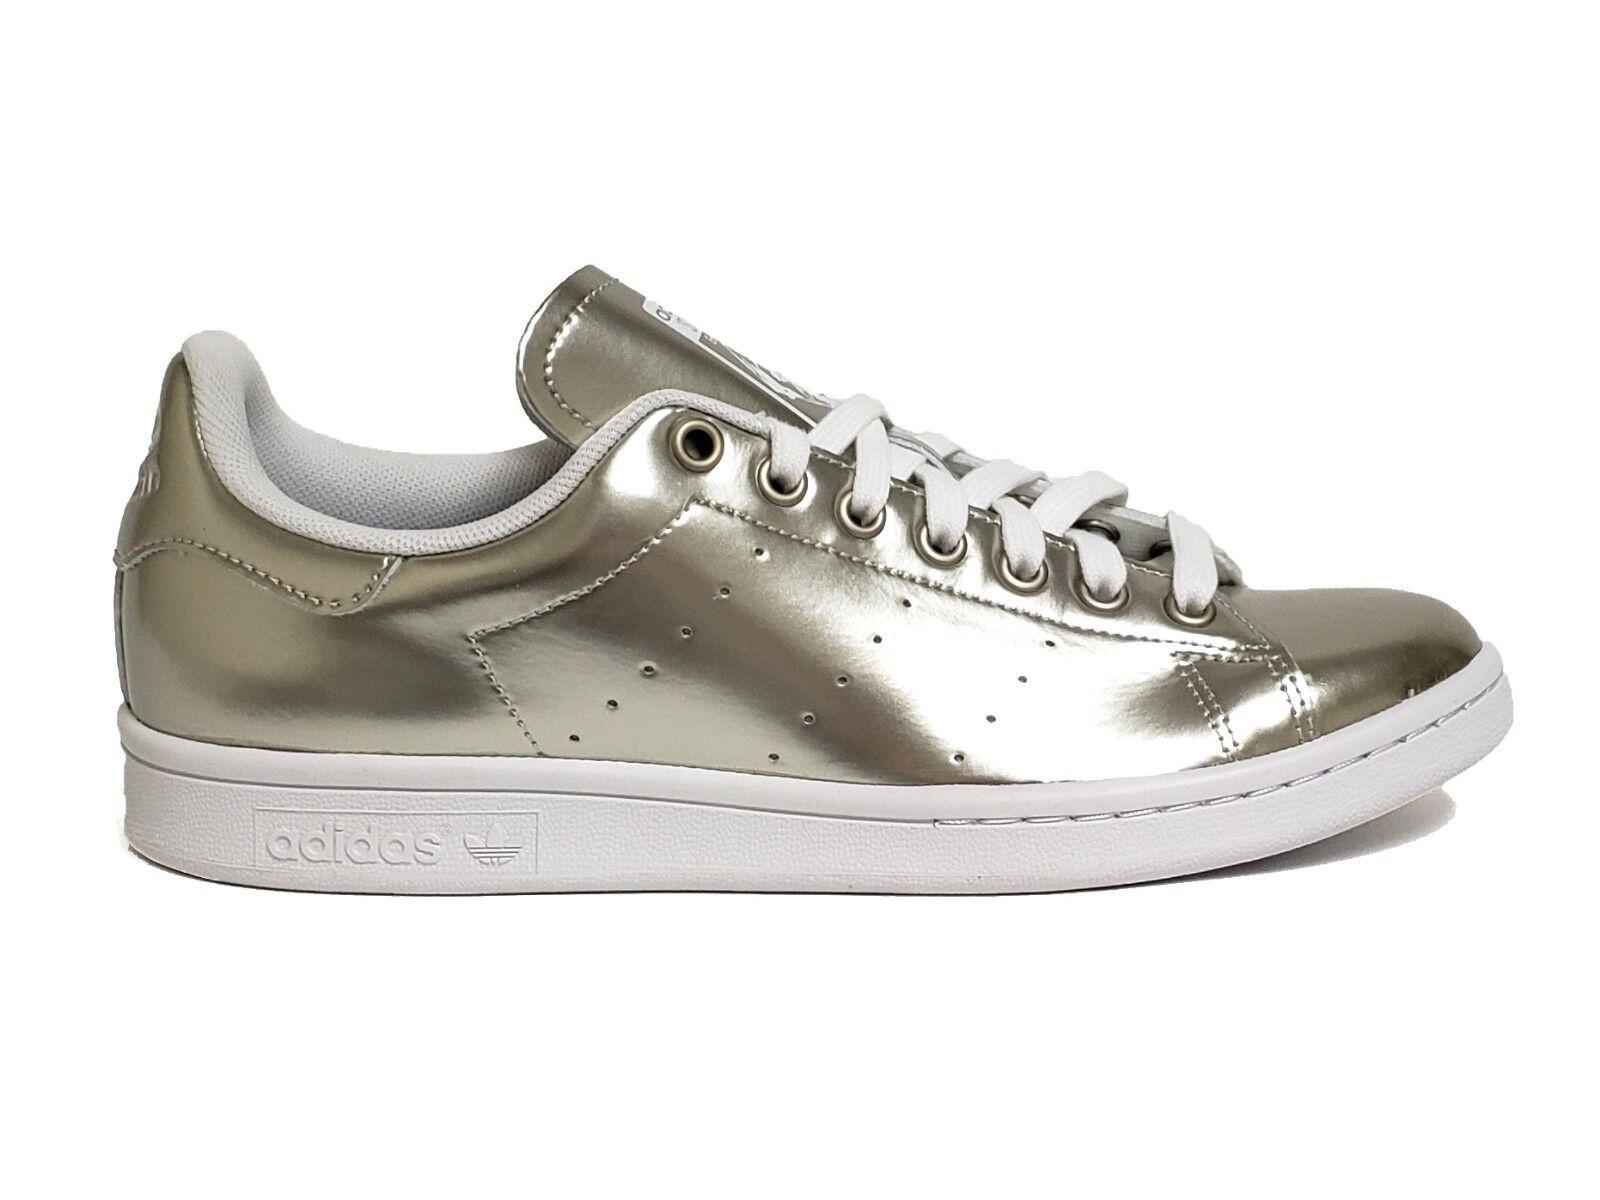 Mujeres Adidas Stan Smith blanco zapatos Cyber metalico / blanco Smith aq6804 un comodo 143a2a